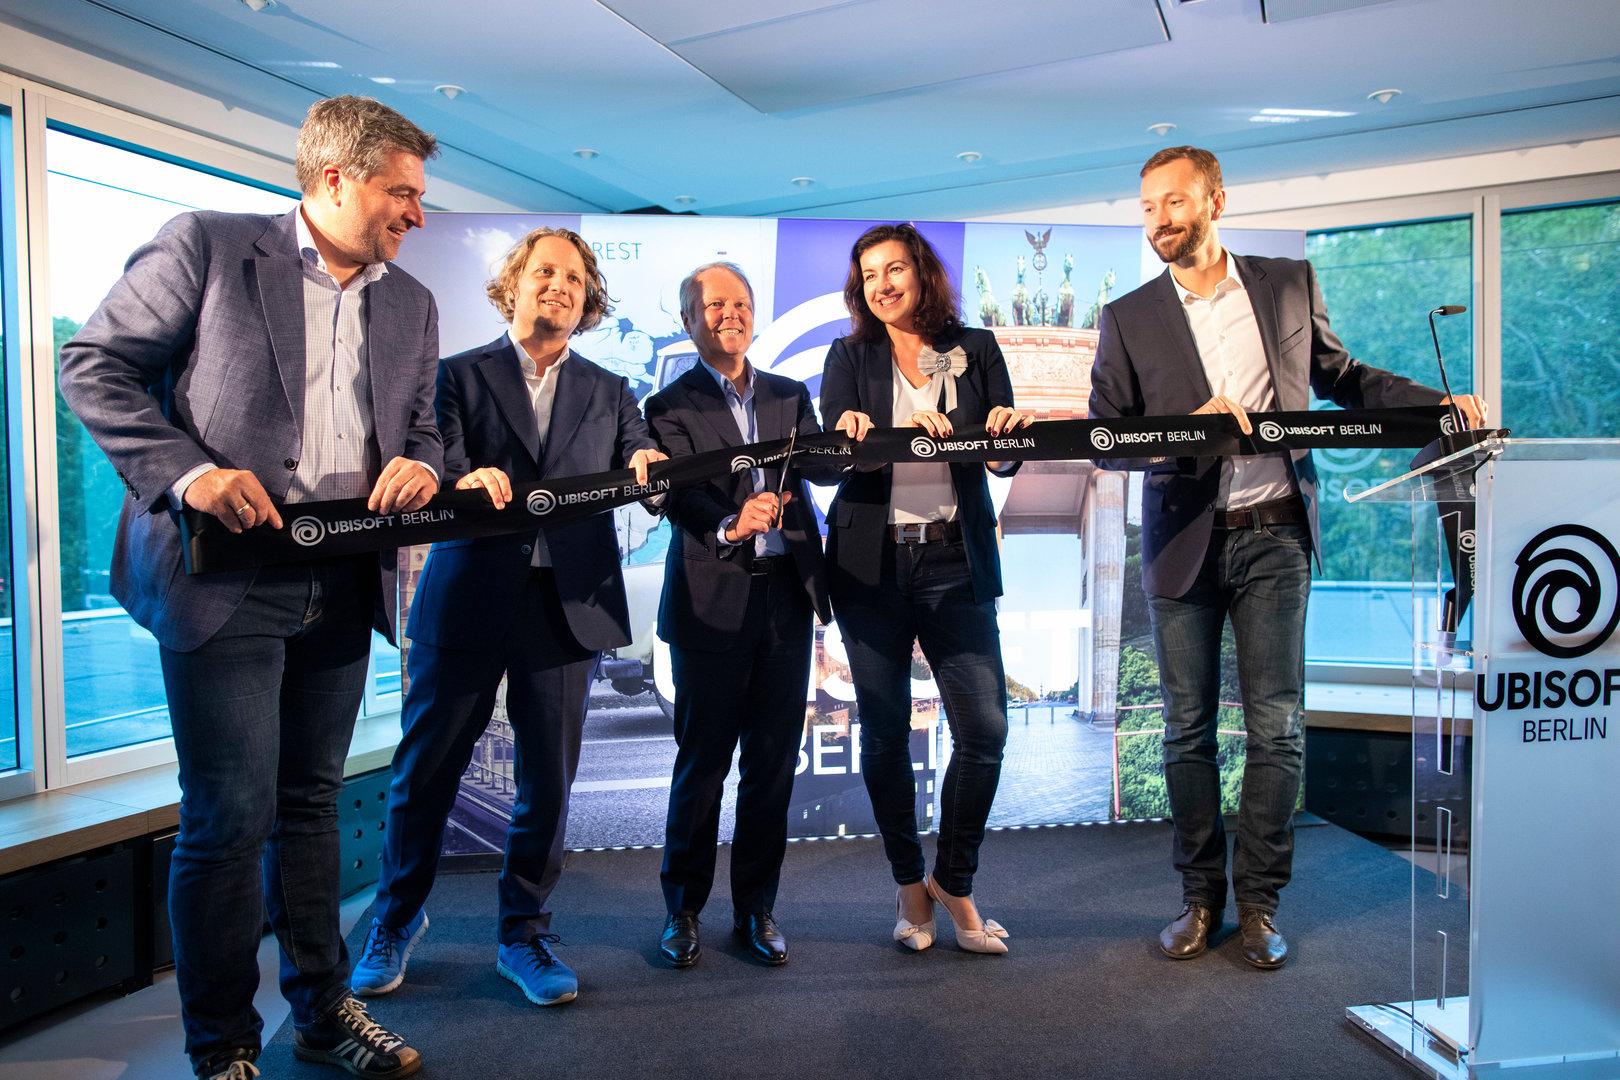 Ubisoft Studio Berlin